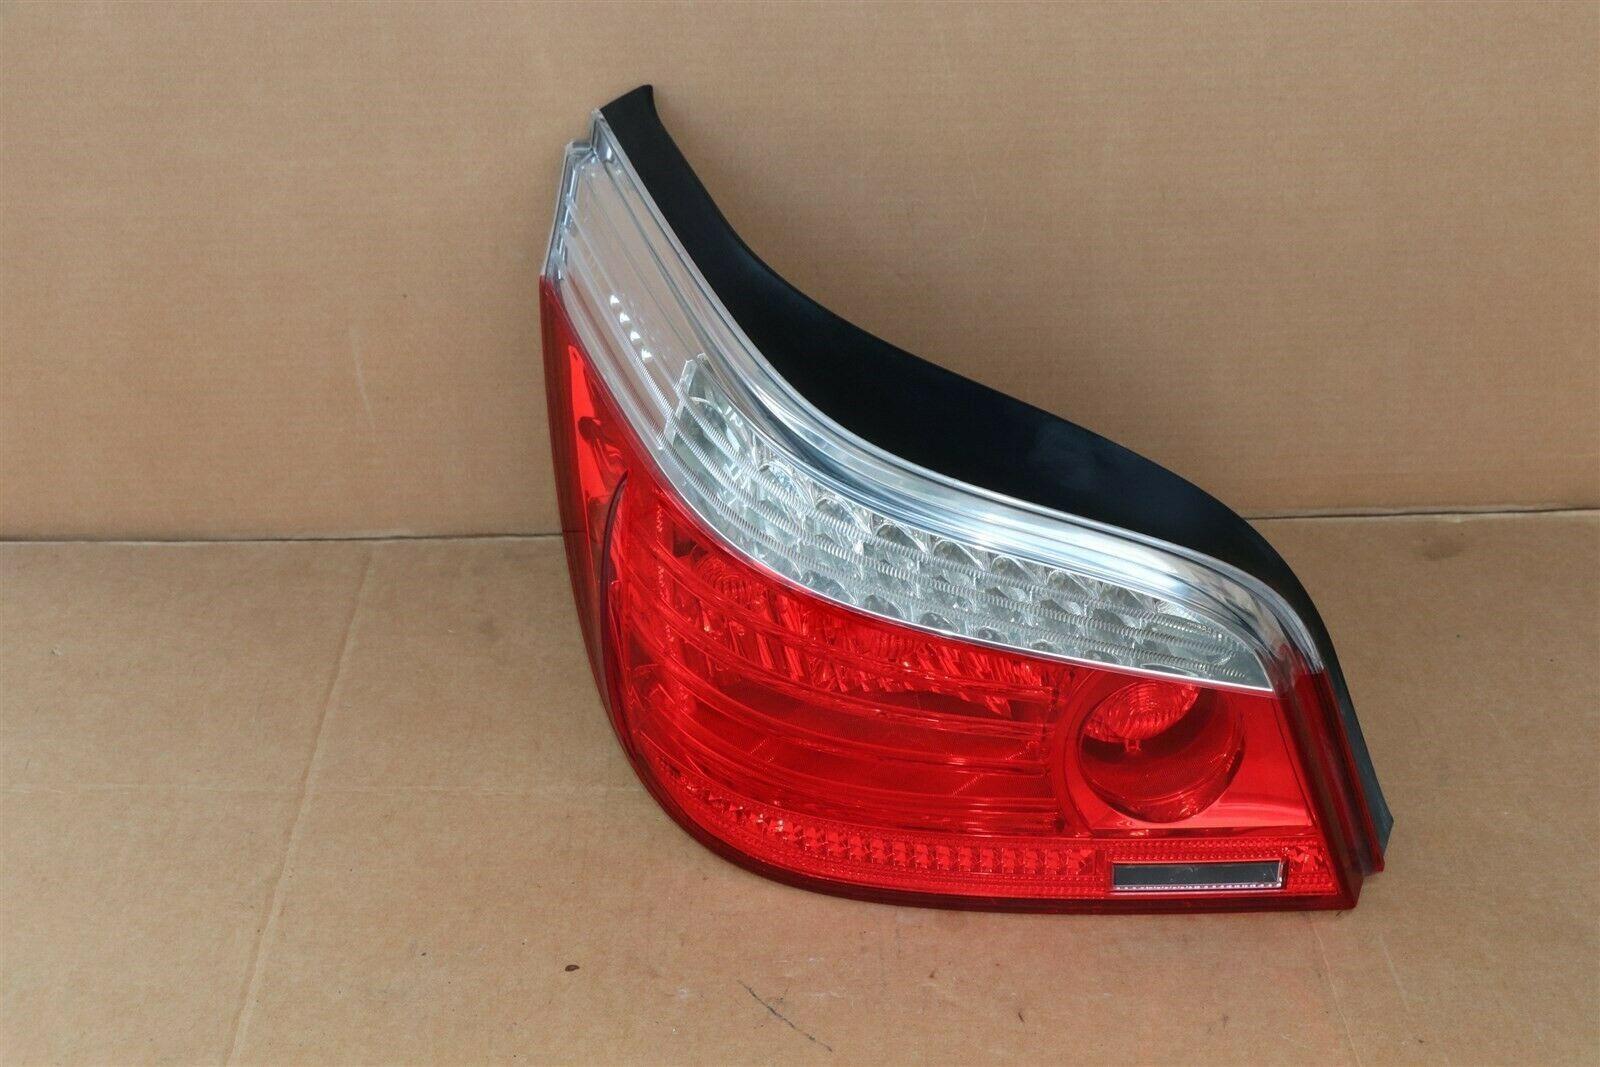 08-10 Bmw E60 LCI Sedan 525i 530i 545i Taillight Tail Light Lamp Driver Left LH